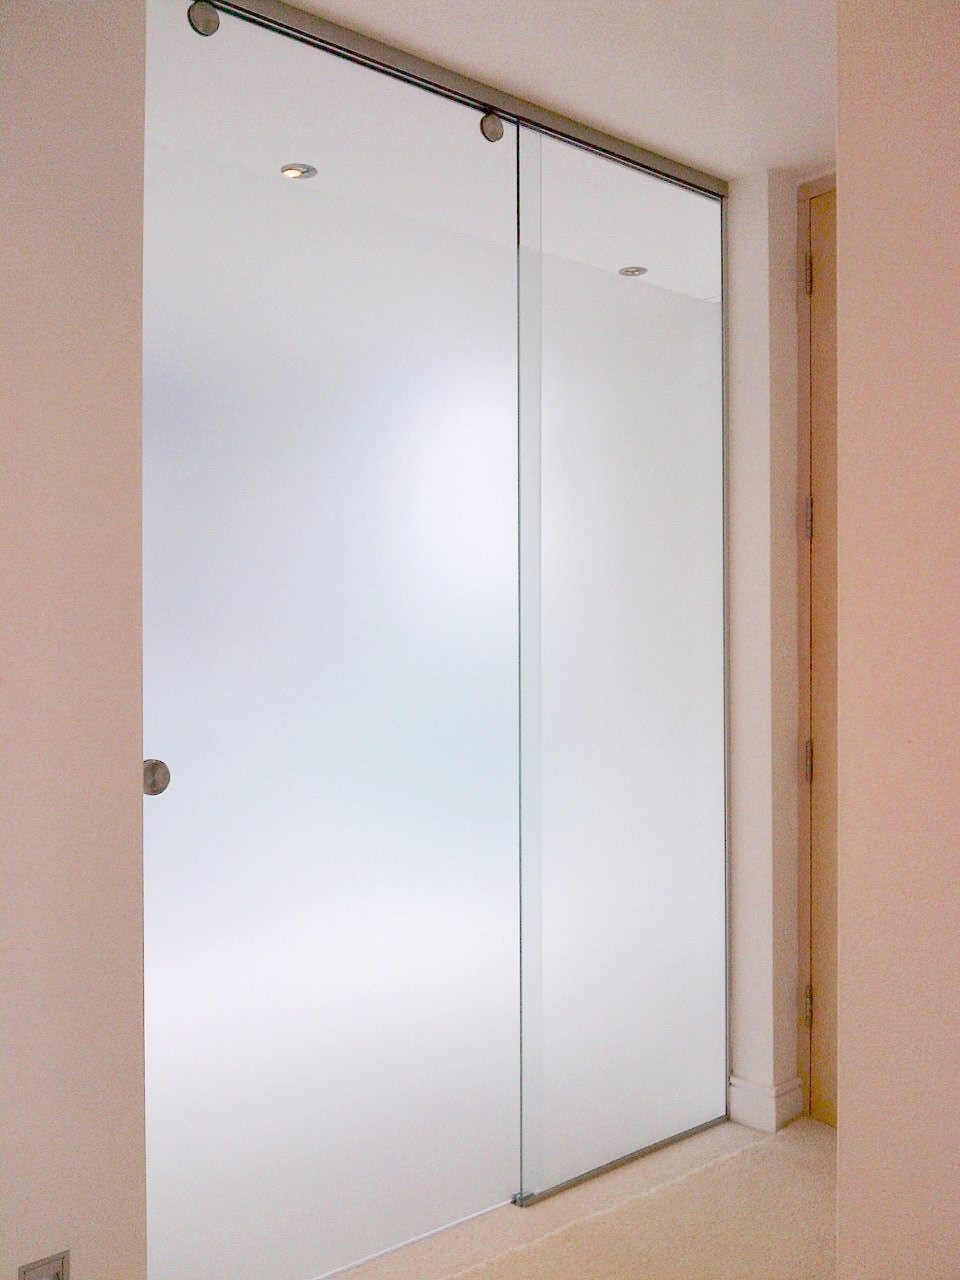 Glass Door - SW5 - London - Brompton Glass 4.JPG